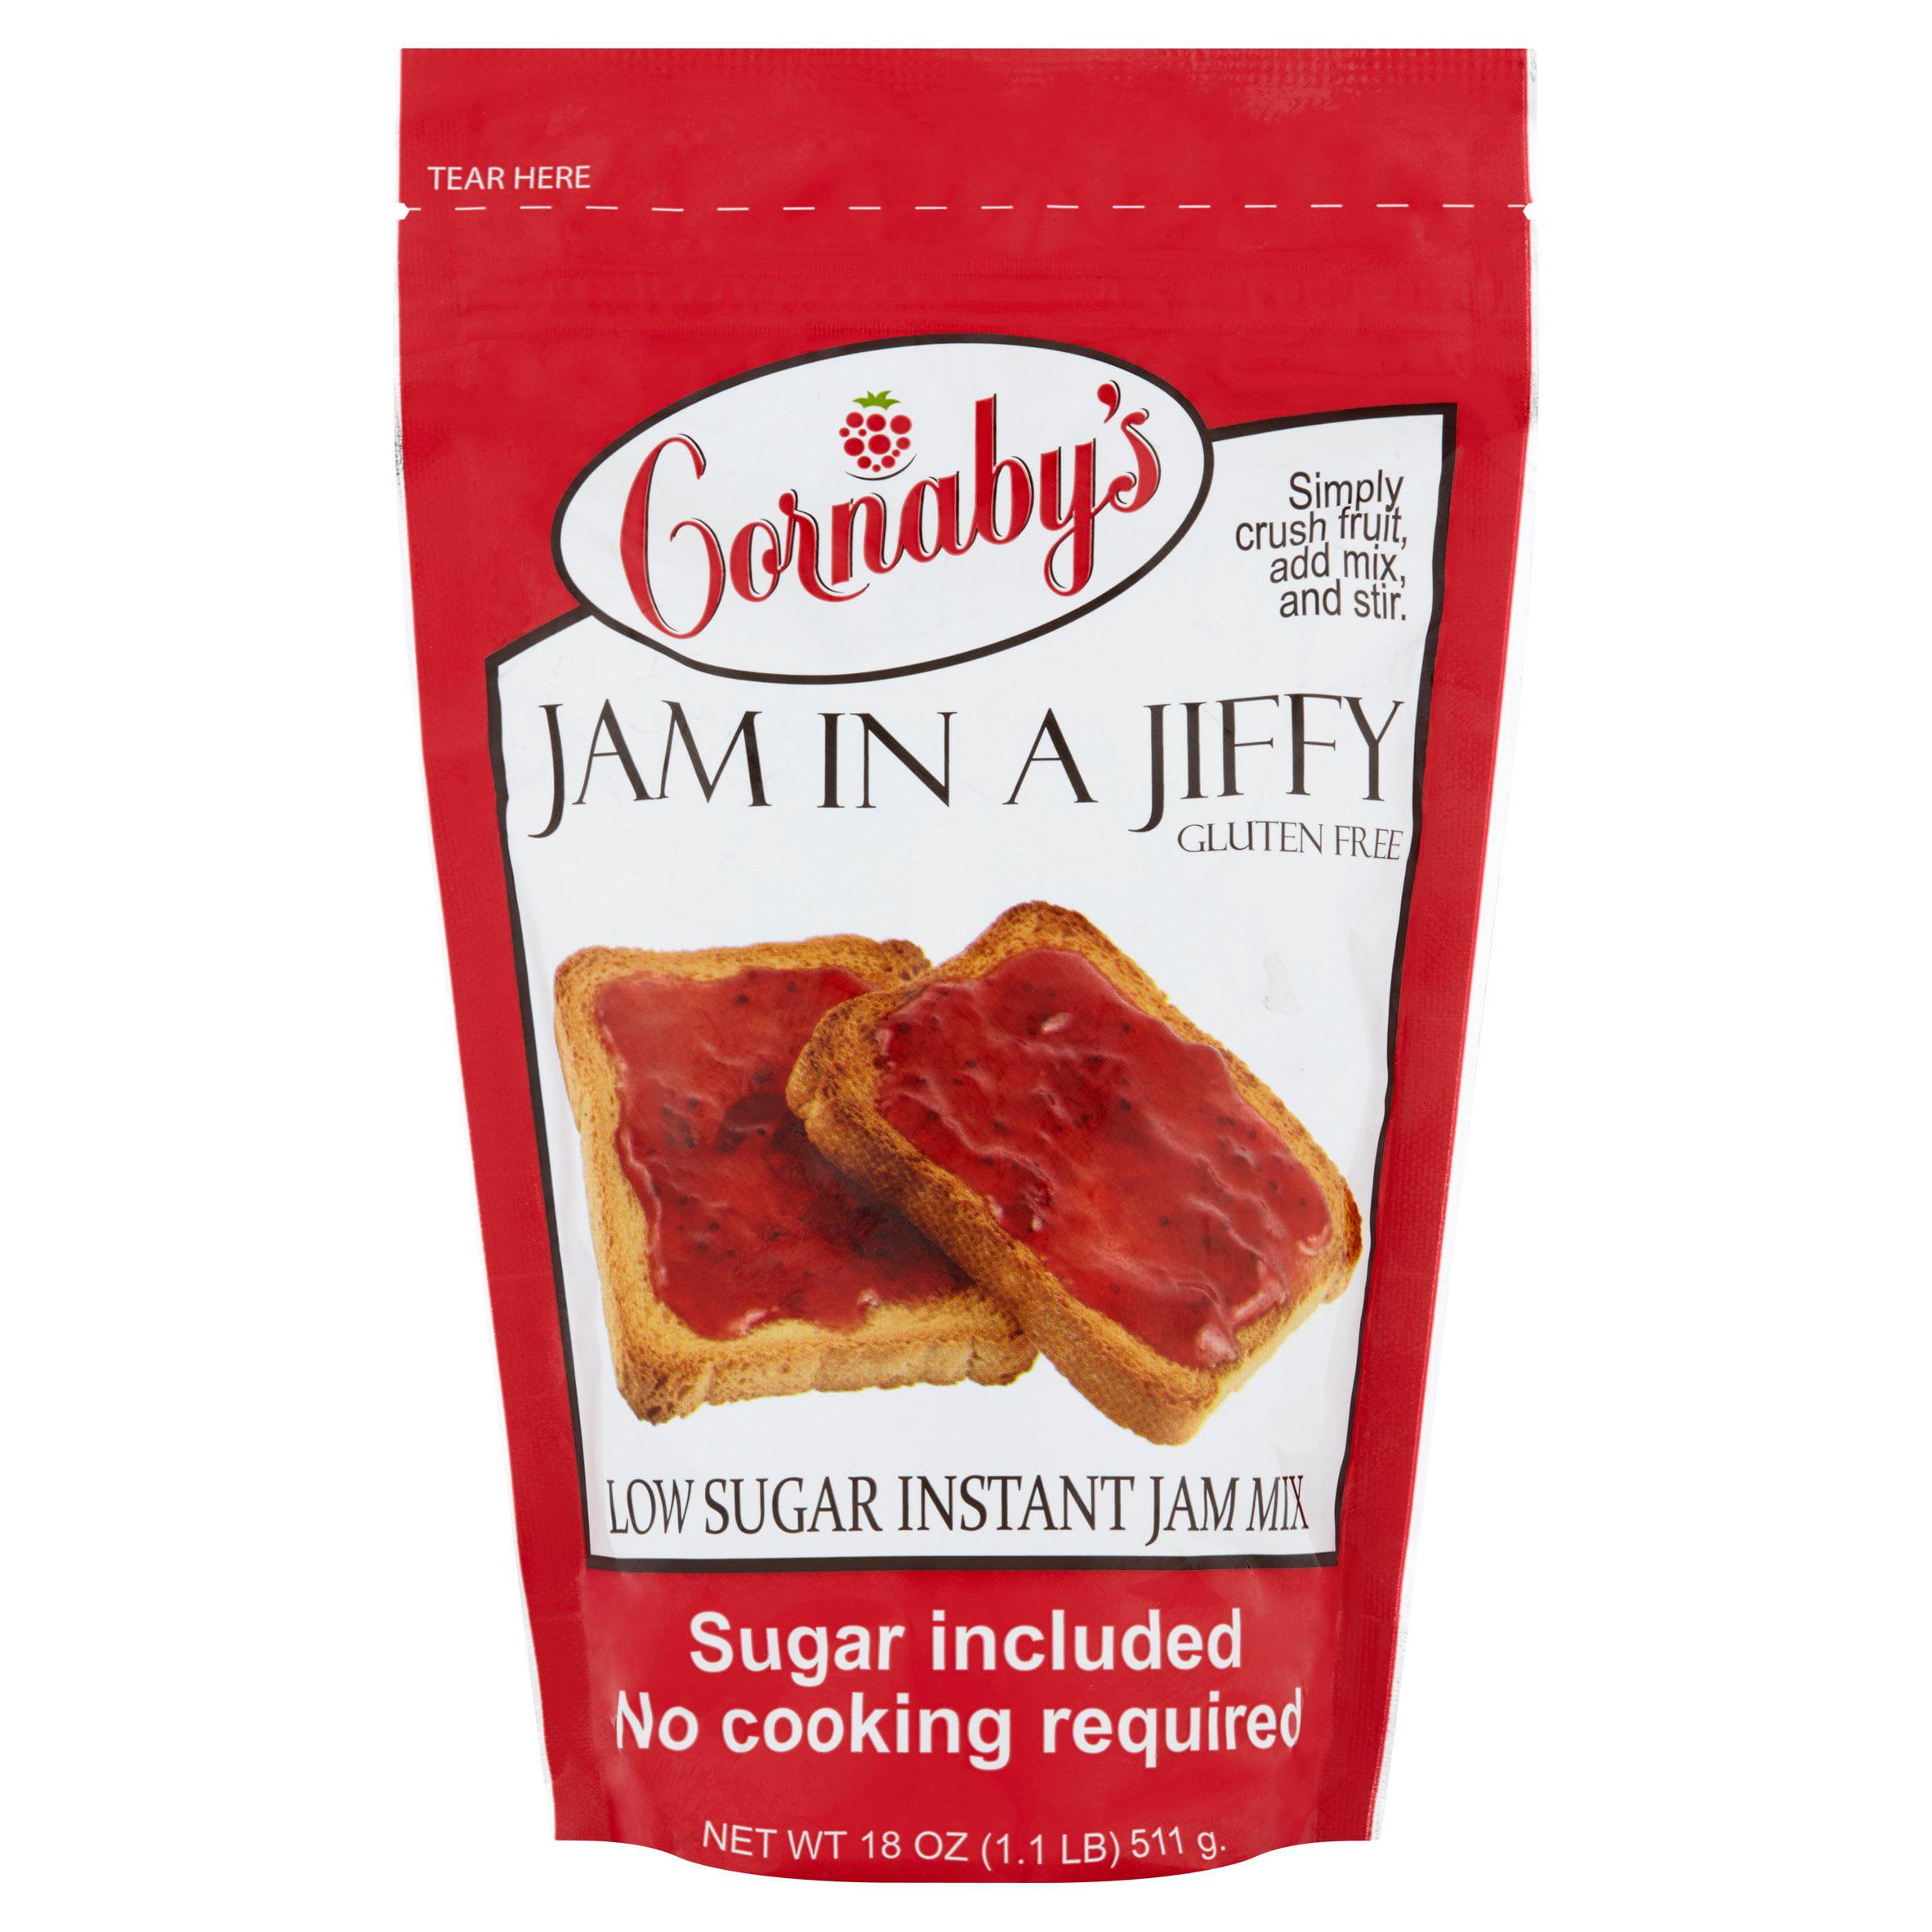 Cornaby's Jam in a Jiffy Low Sugar Instant Jam Mix, 18 oz by Cornaby's LLC